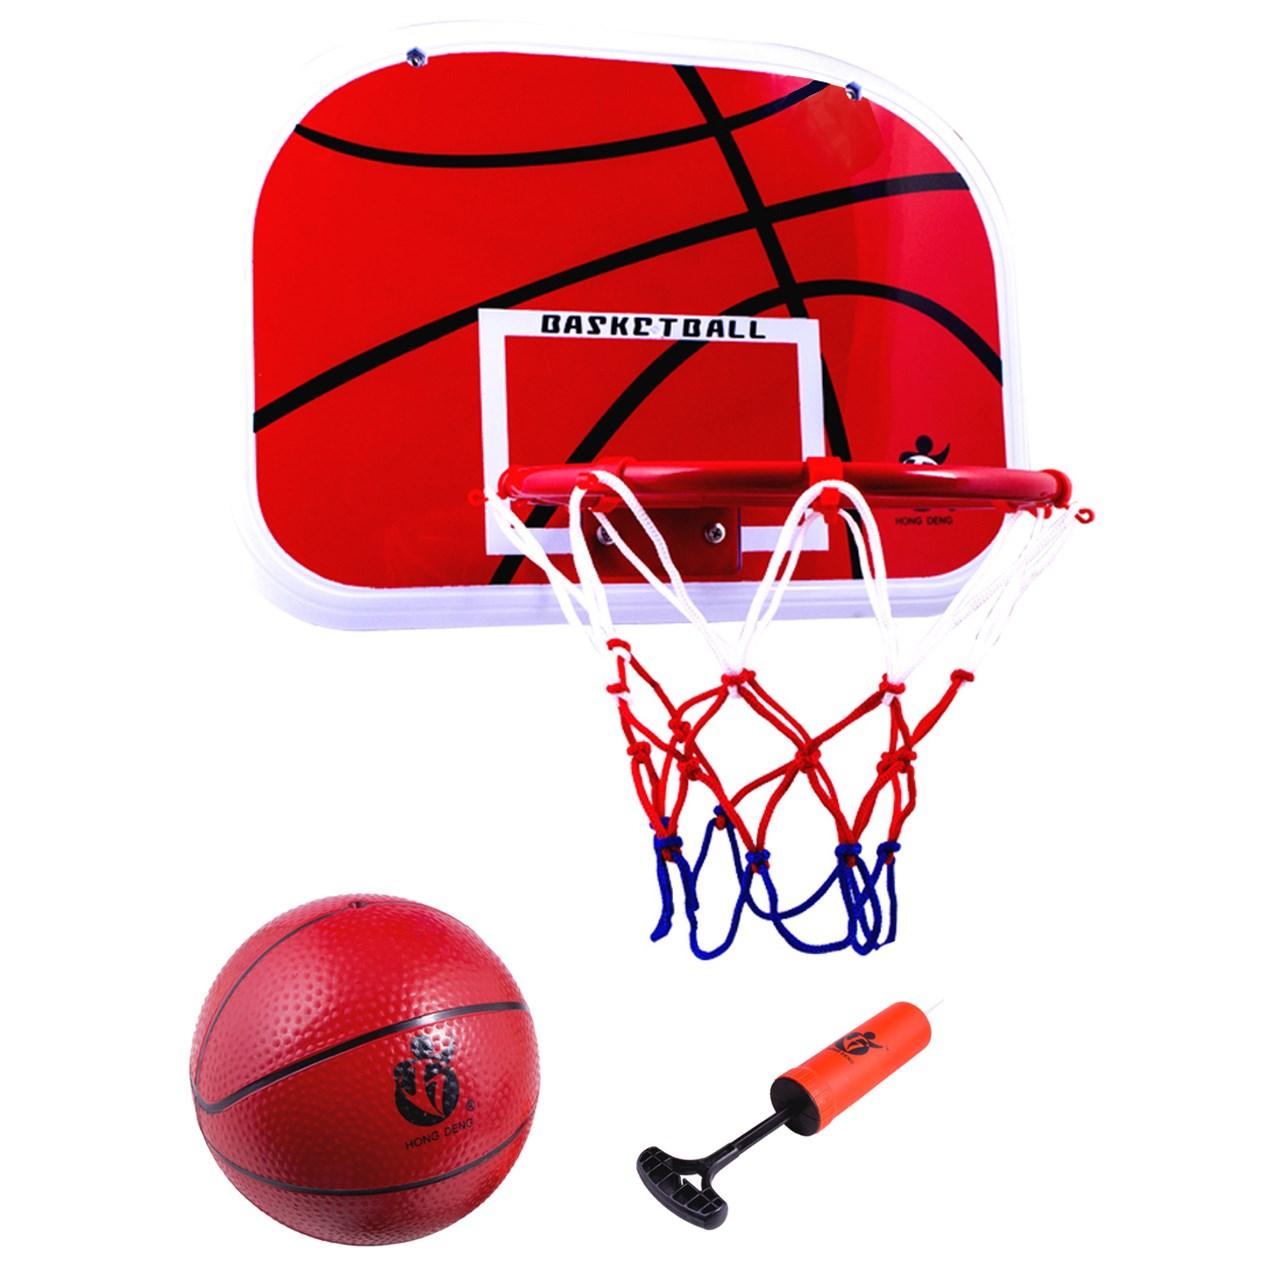 ست تخته بسکتبال توپ تور  مدل Hong Deng